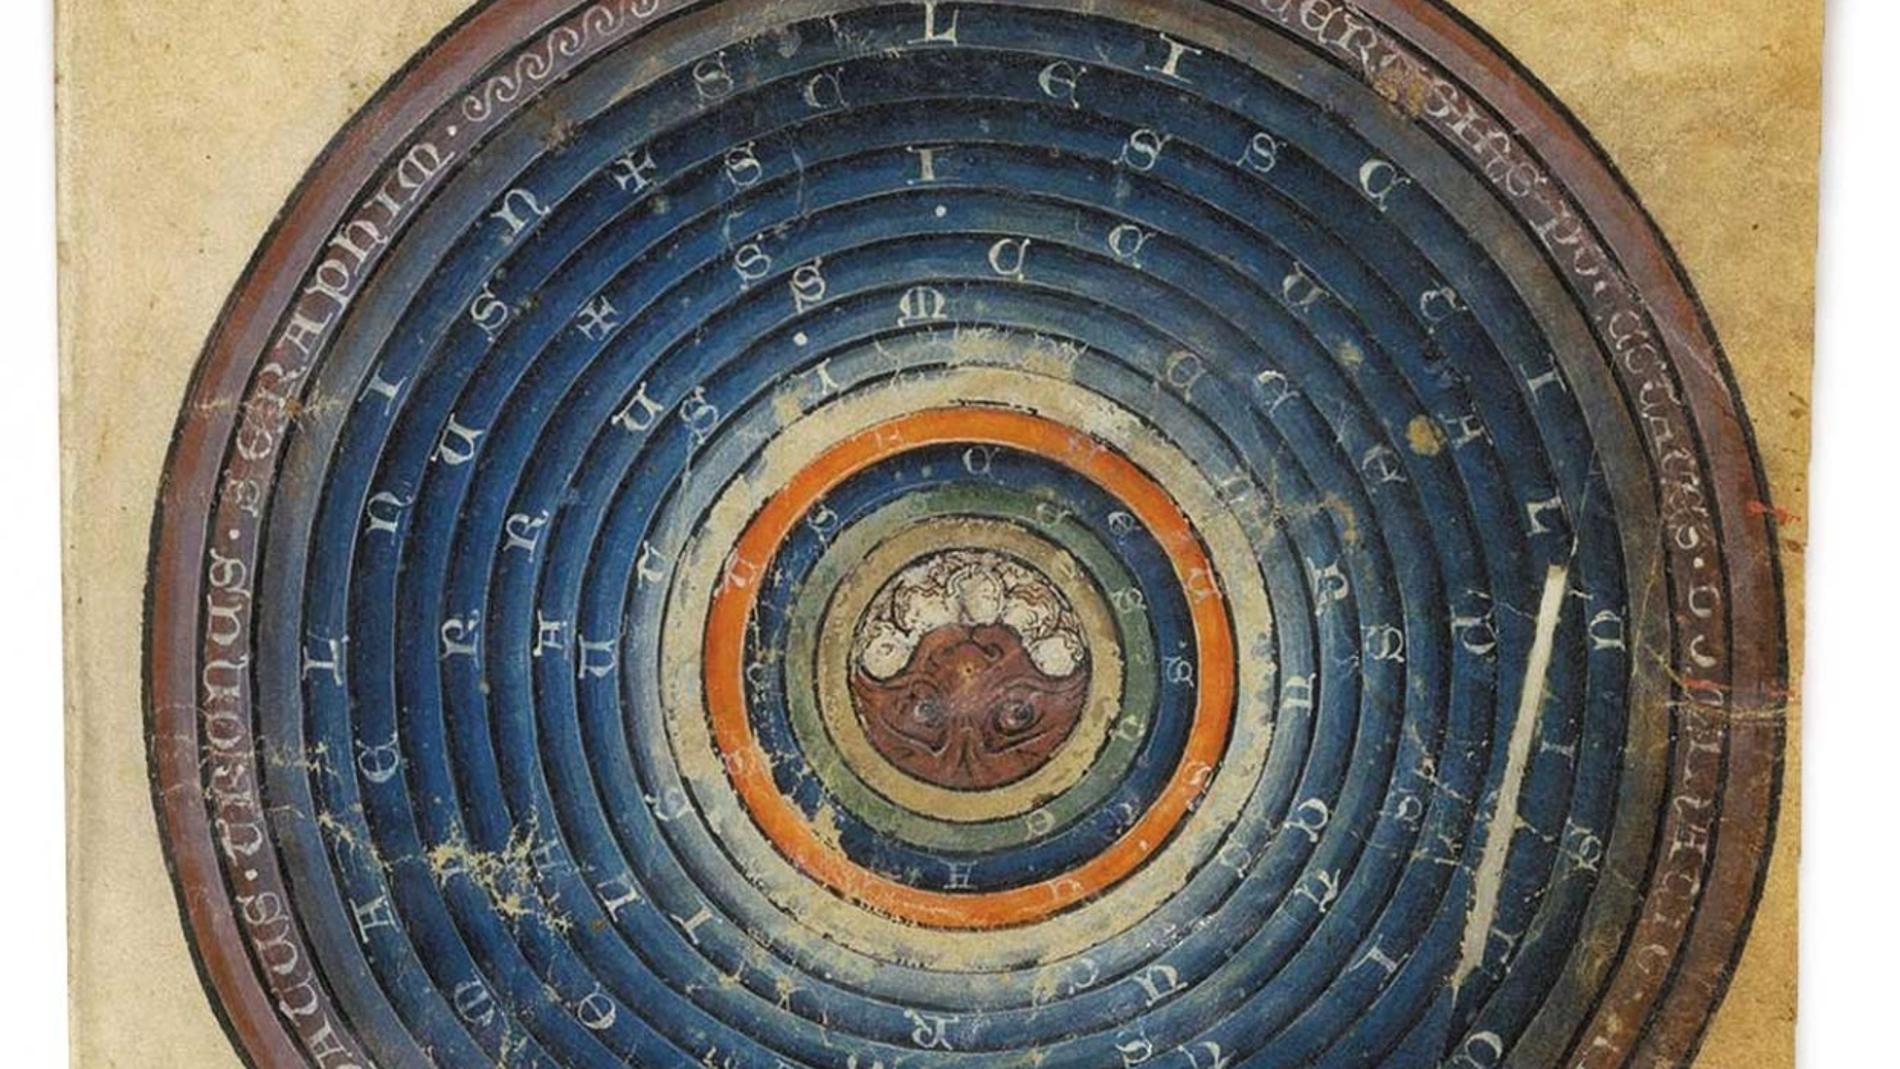 Pintura del siglo XIII describiendo un cosmos geocéntrico.